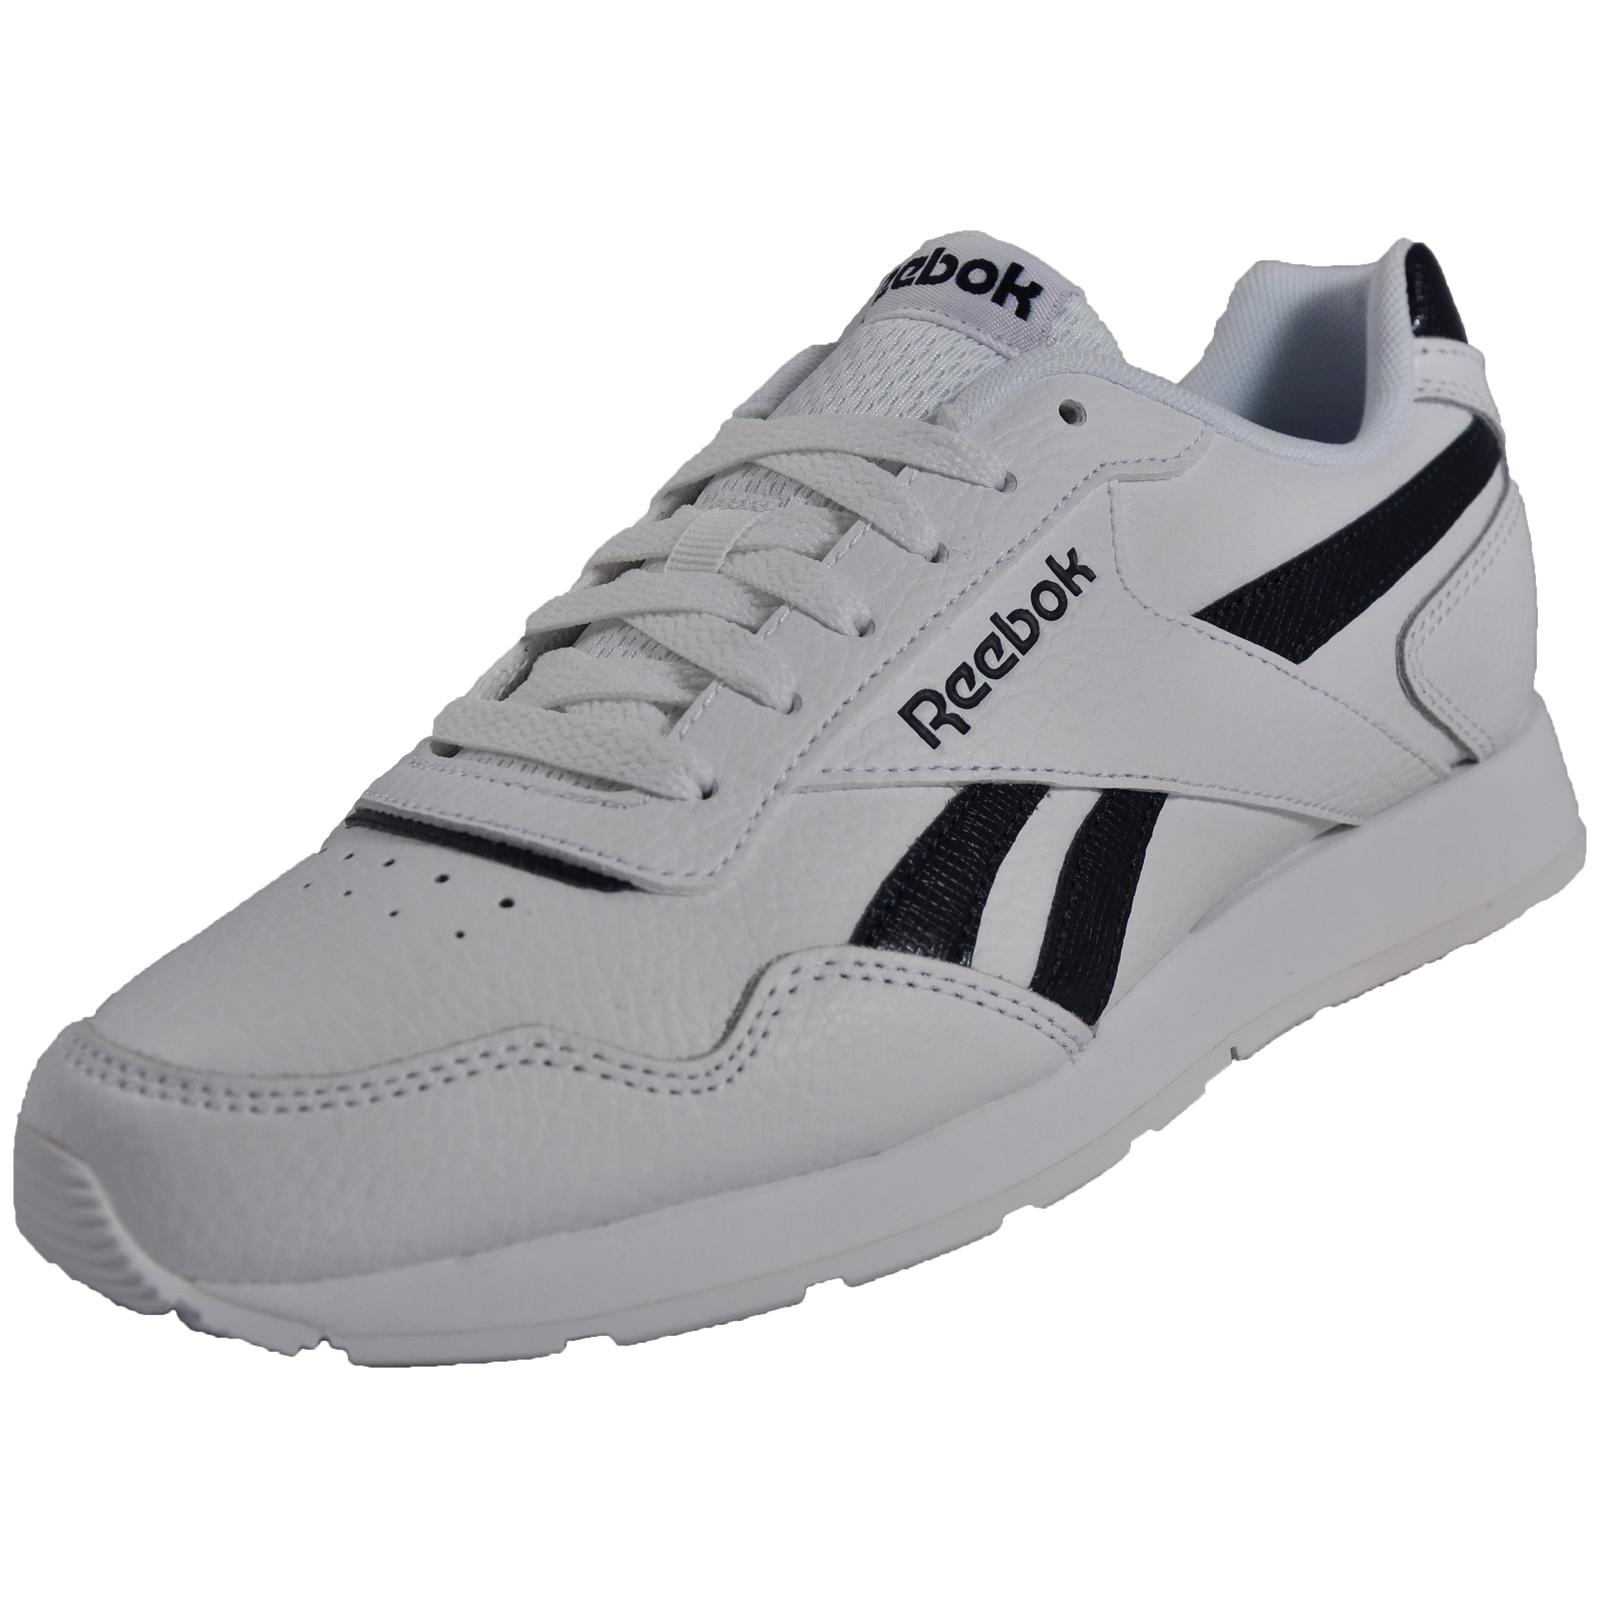 Détails sur Reebok Royal Glide homme en cuir classique casual fashion Sneakers Baskets Blanc afficher le titre d'origine